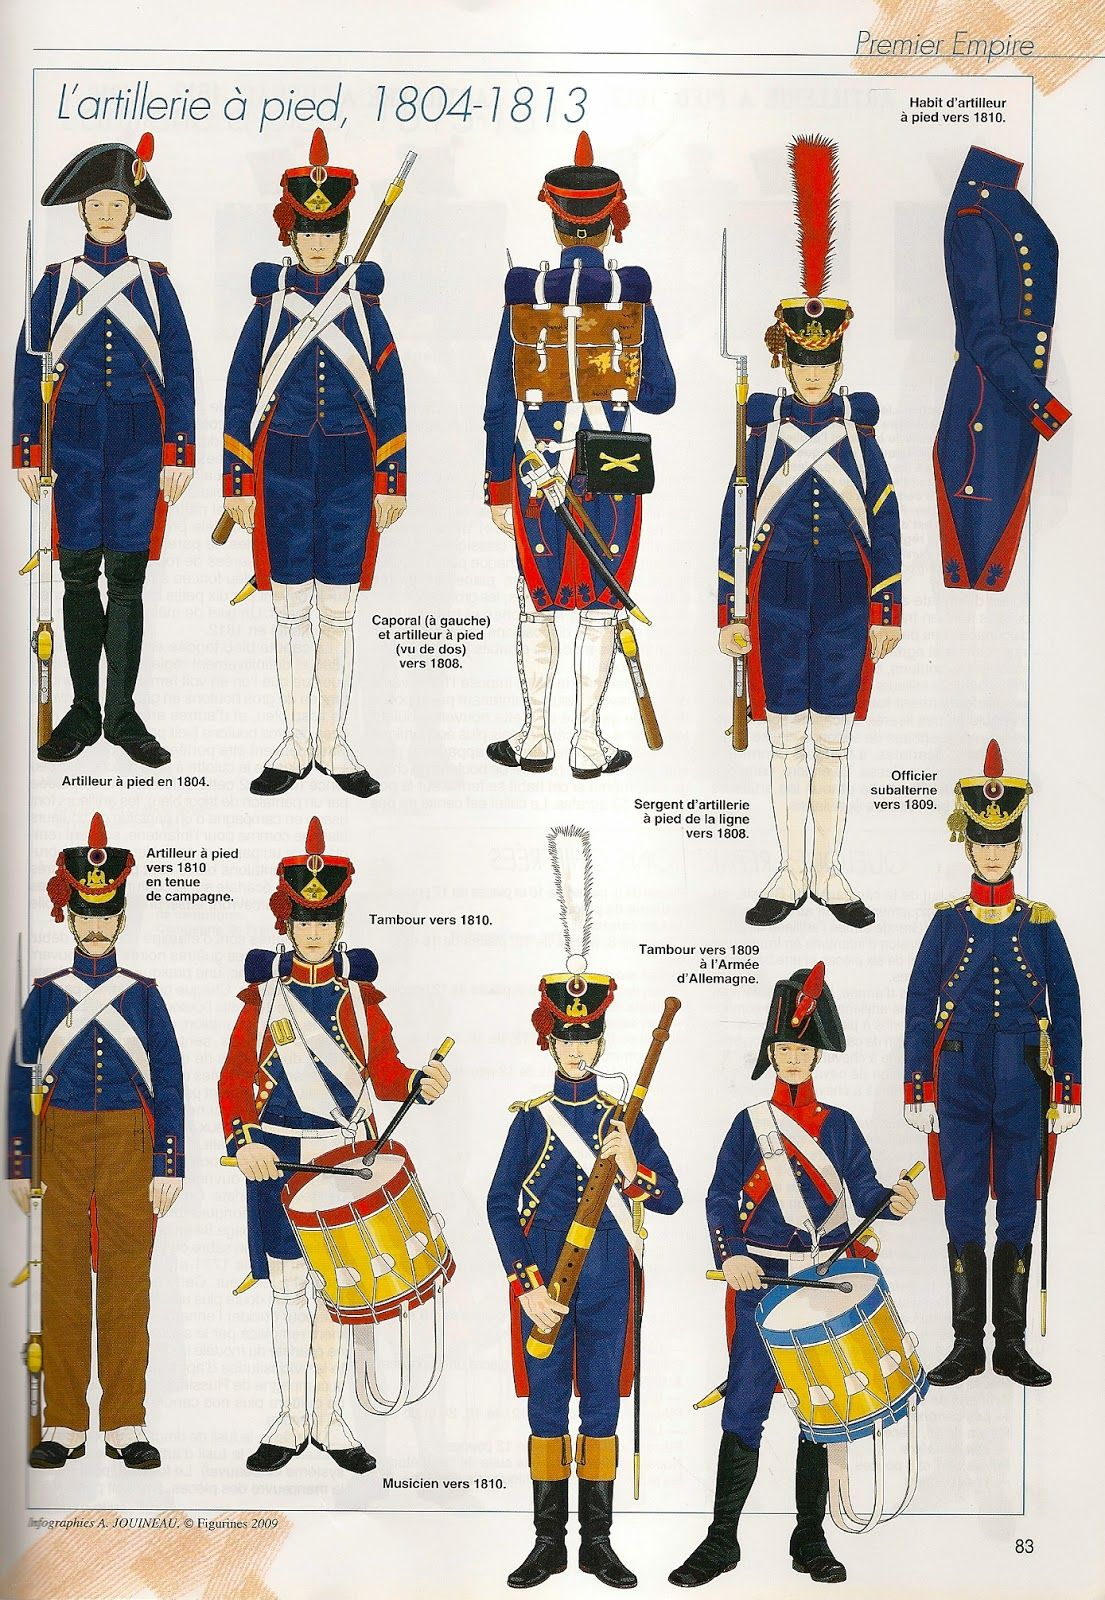 Artiglieria a piedi della linea francese dal 1804 al 1813